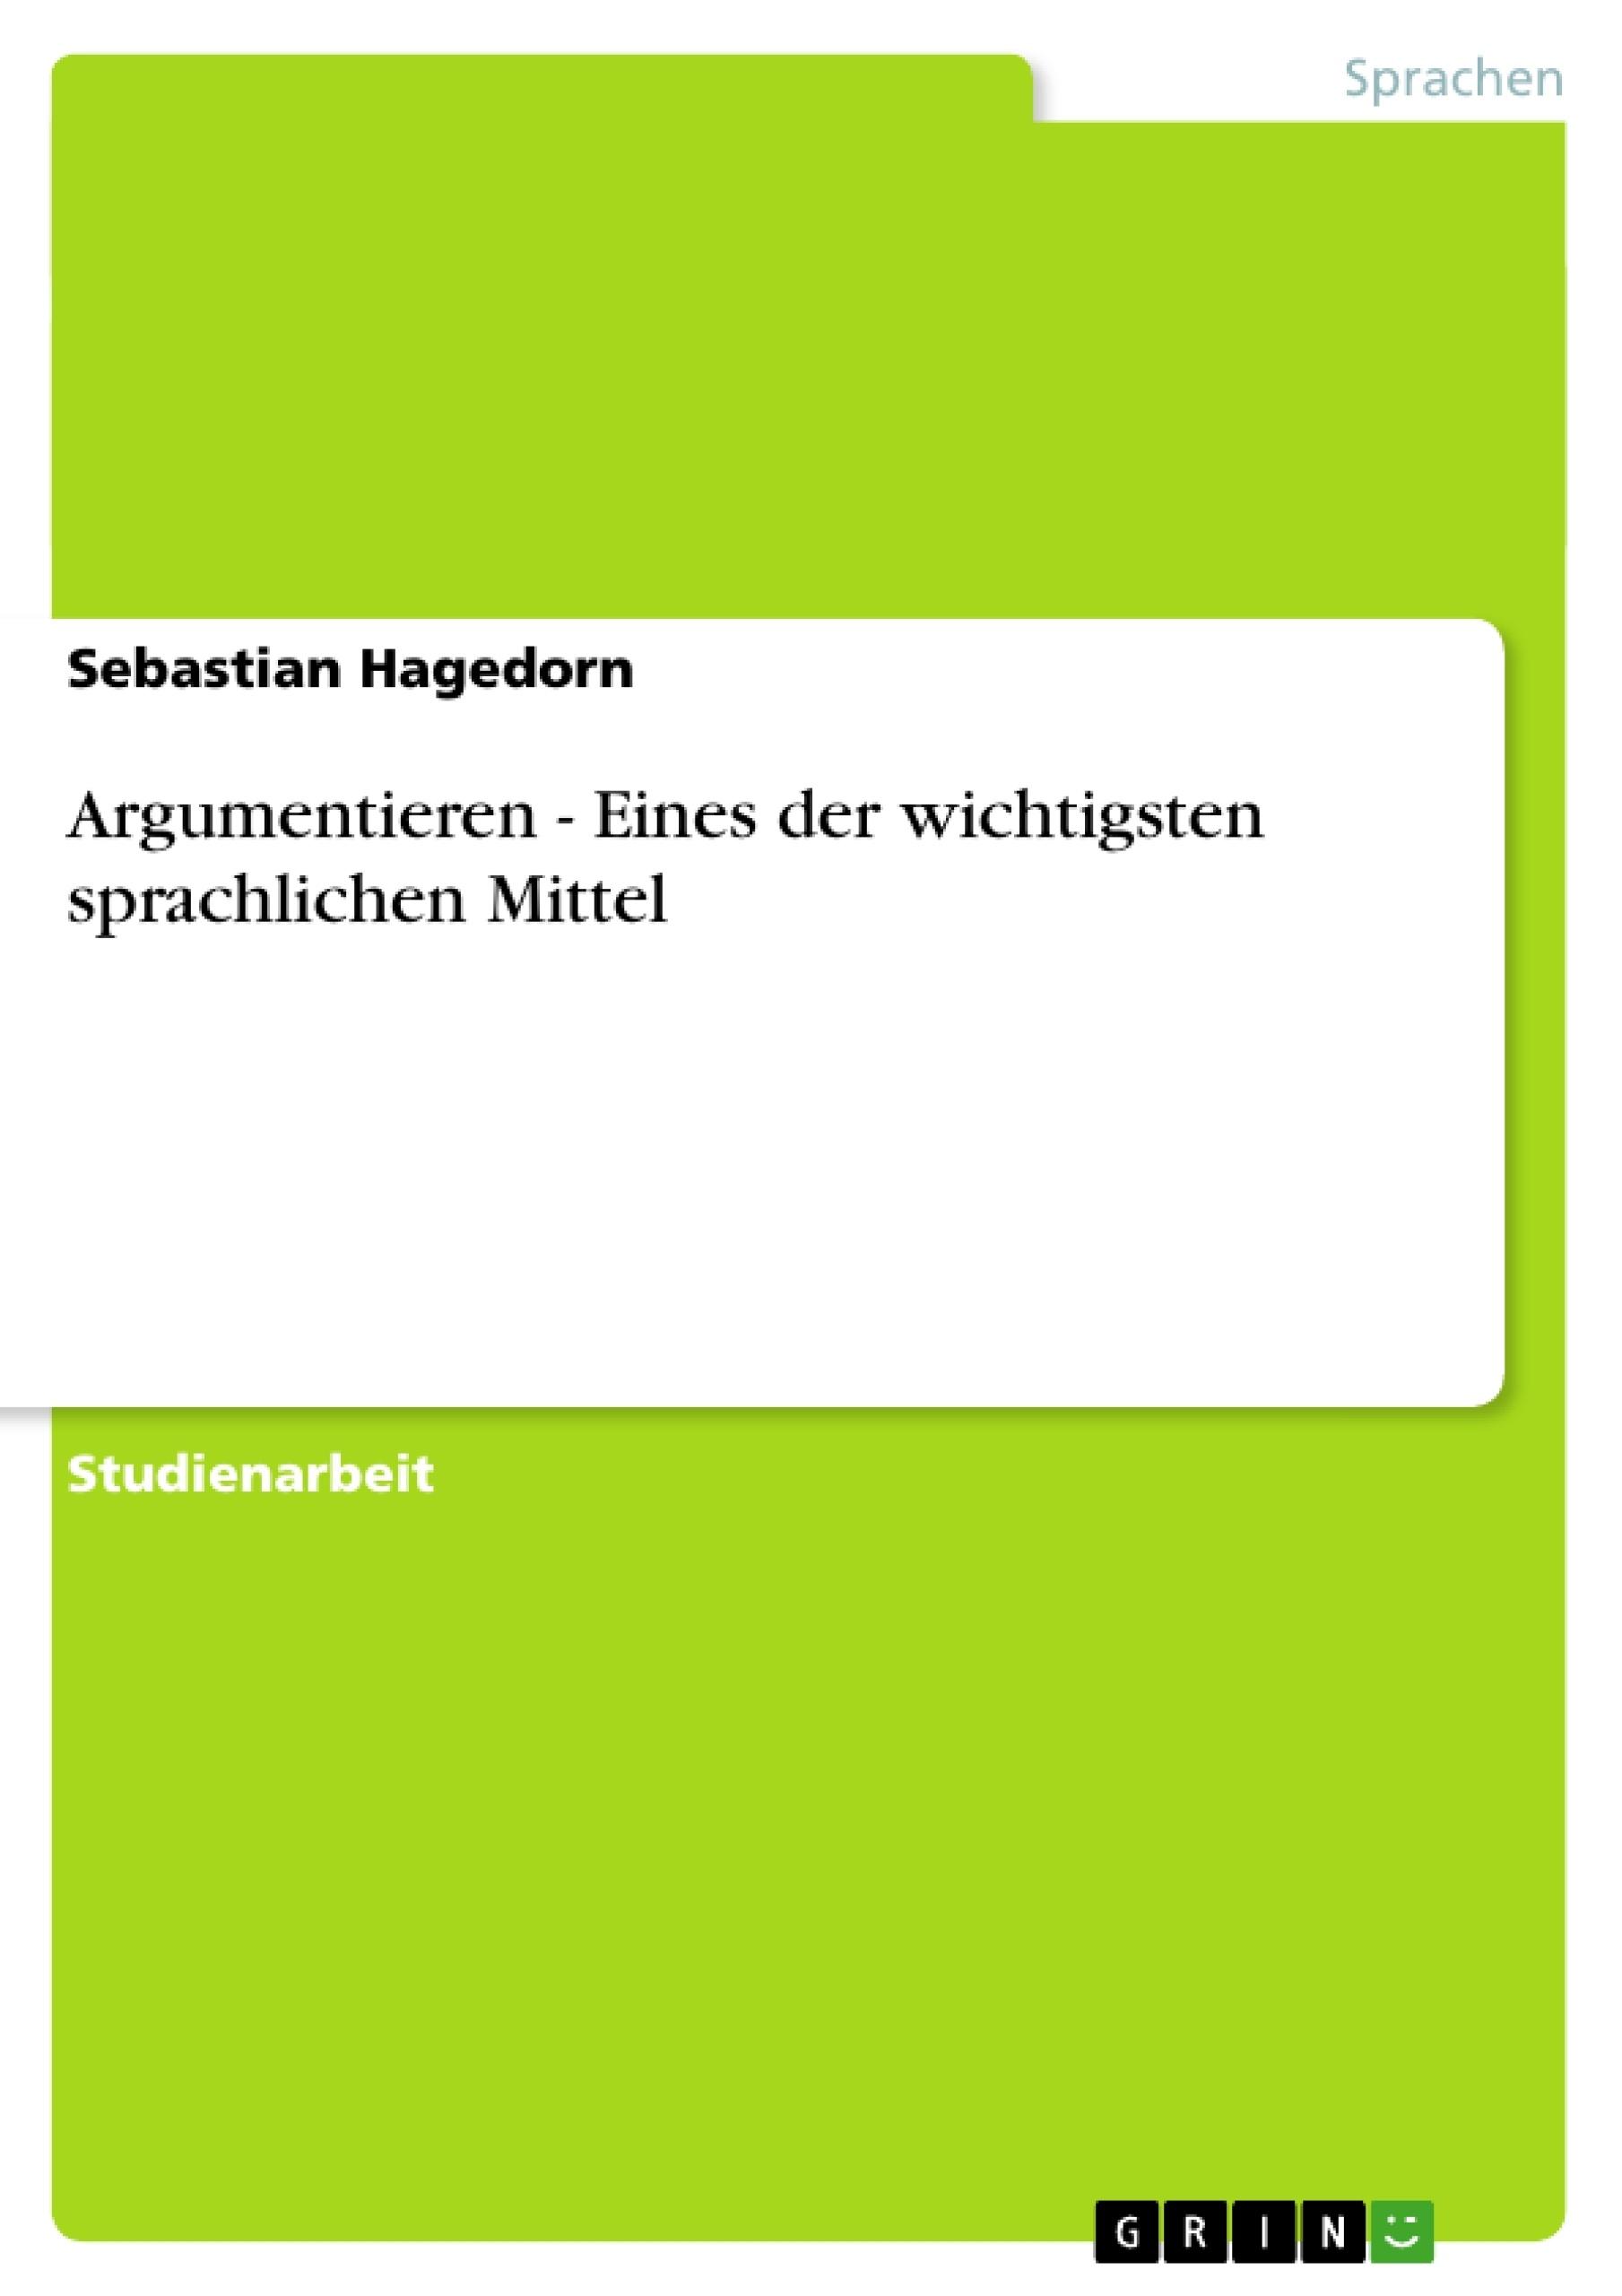 Titel: Argumentieren - Eines der wichtigsten sprachlichen Mittel